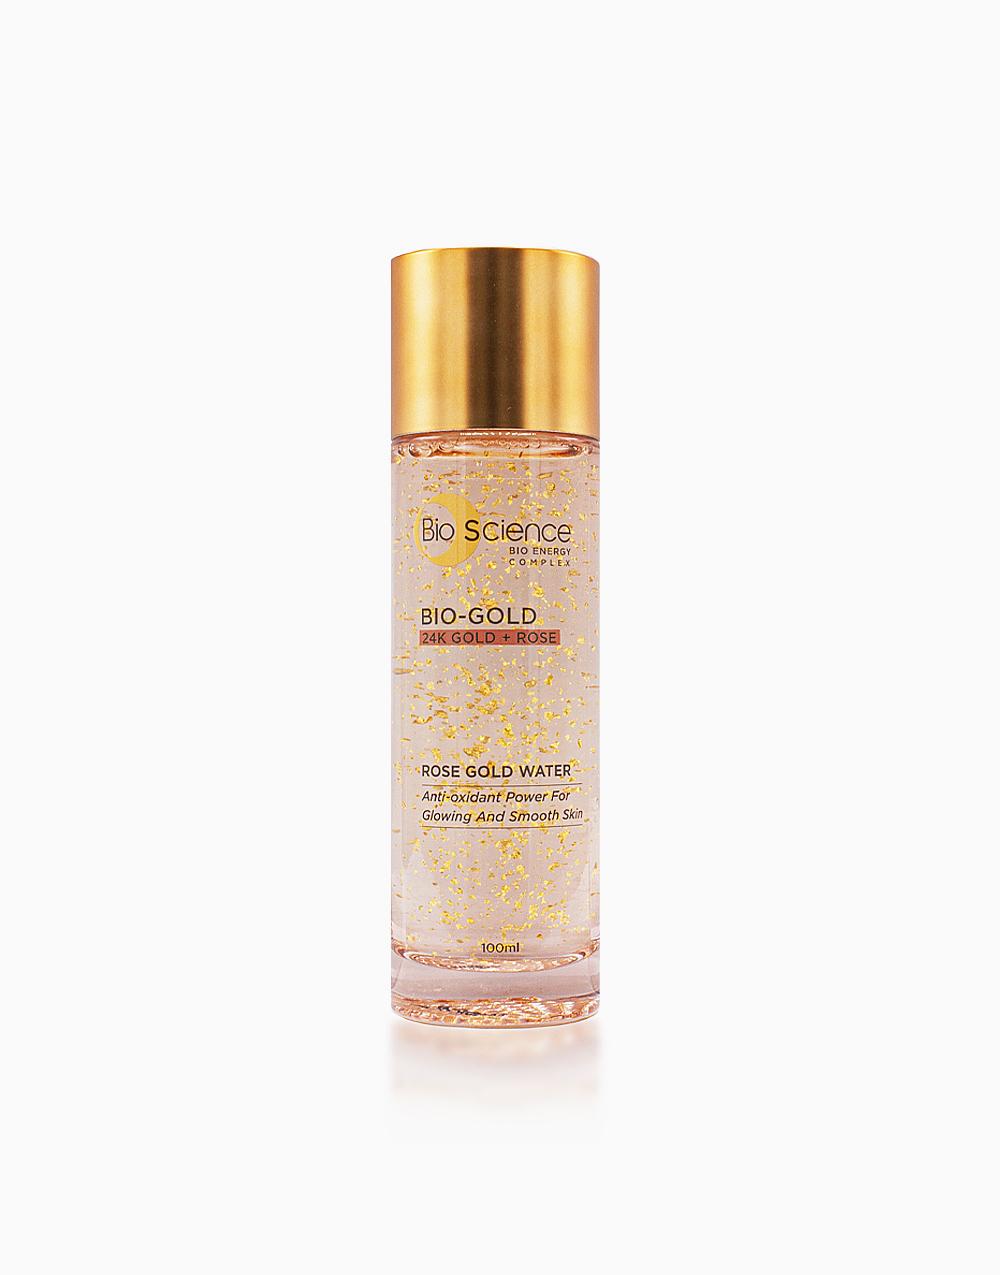 Bio-Gold Rose Gold Water Anti-Aging Toner + Serum (100ml) by Bio Science